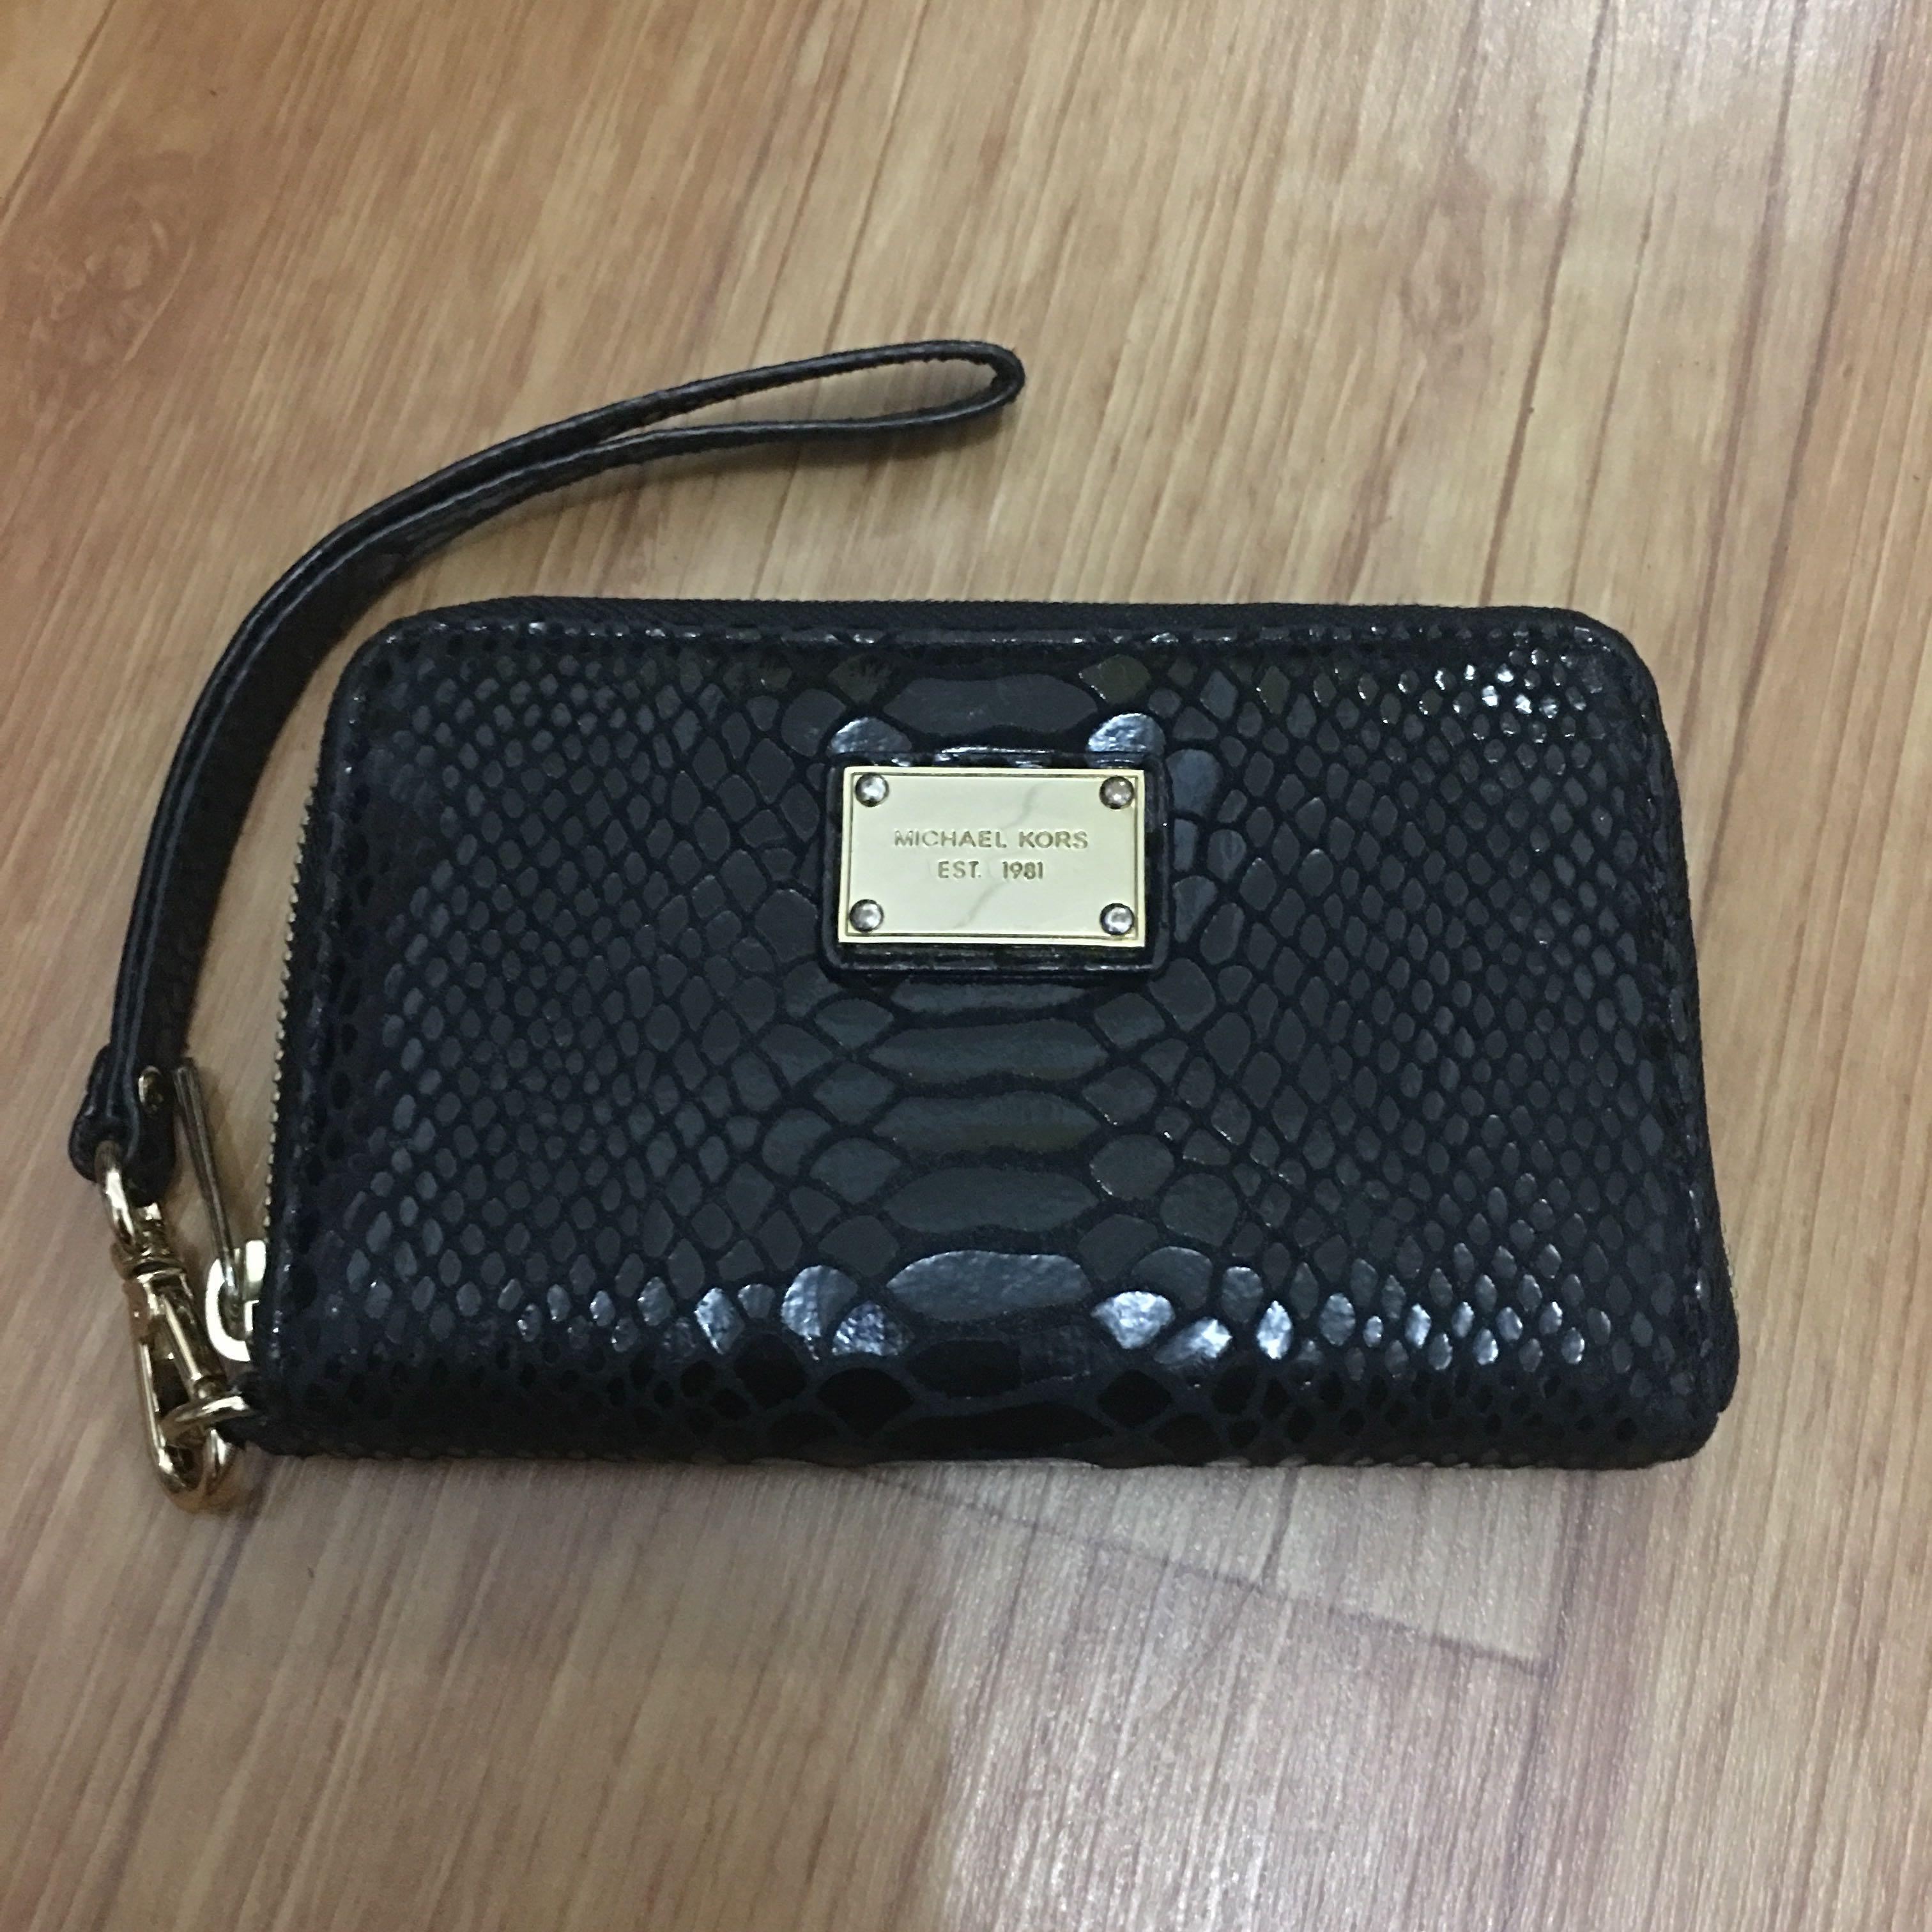 a94147bb9ddeec Michael Kors Black Wristlet, Women's Fashion, Women's Bags & Wallets ...